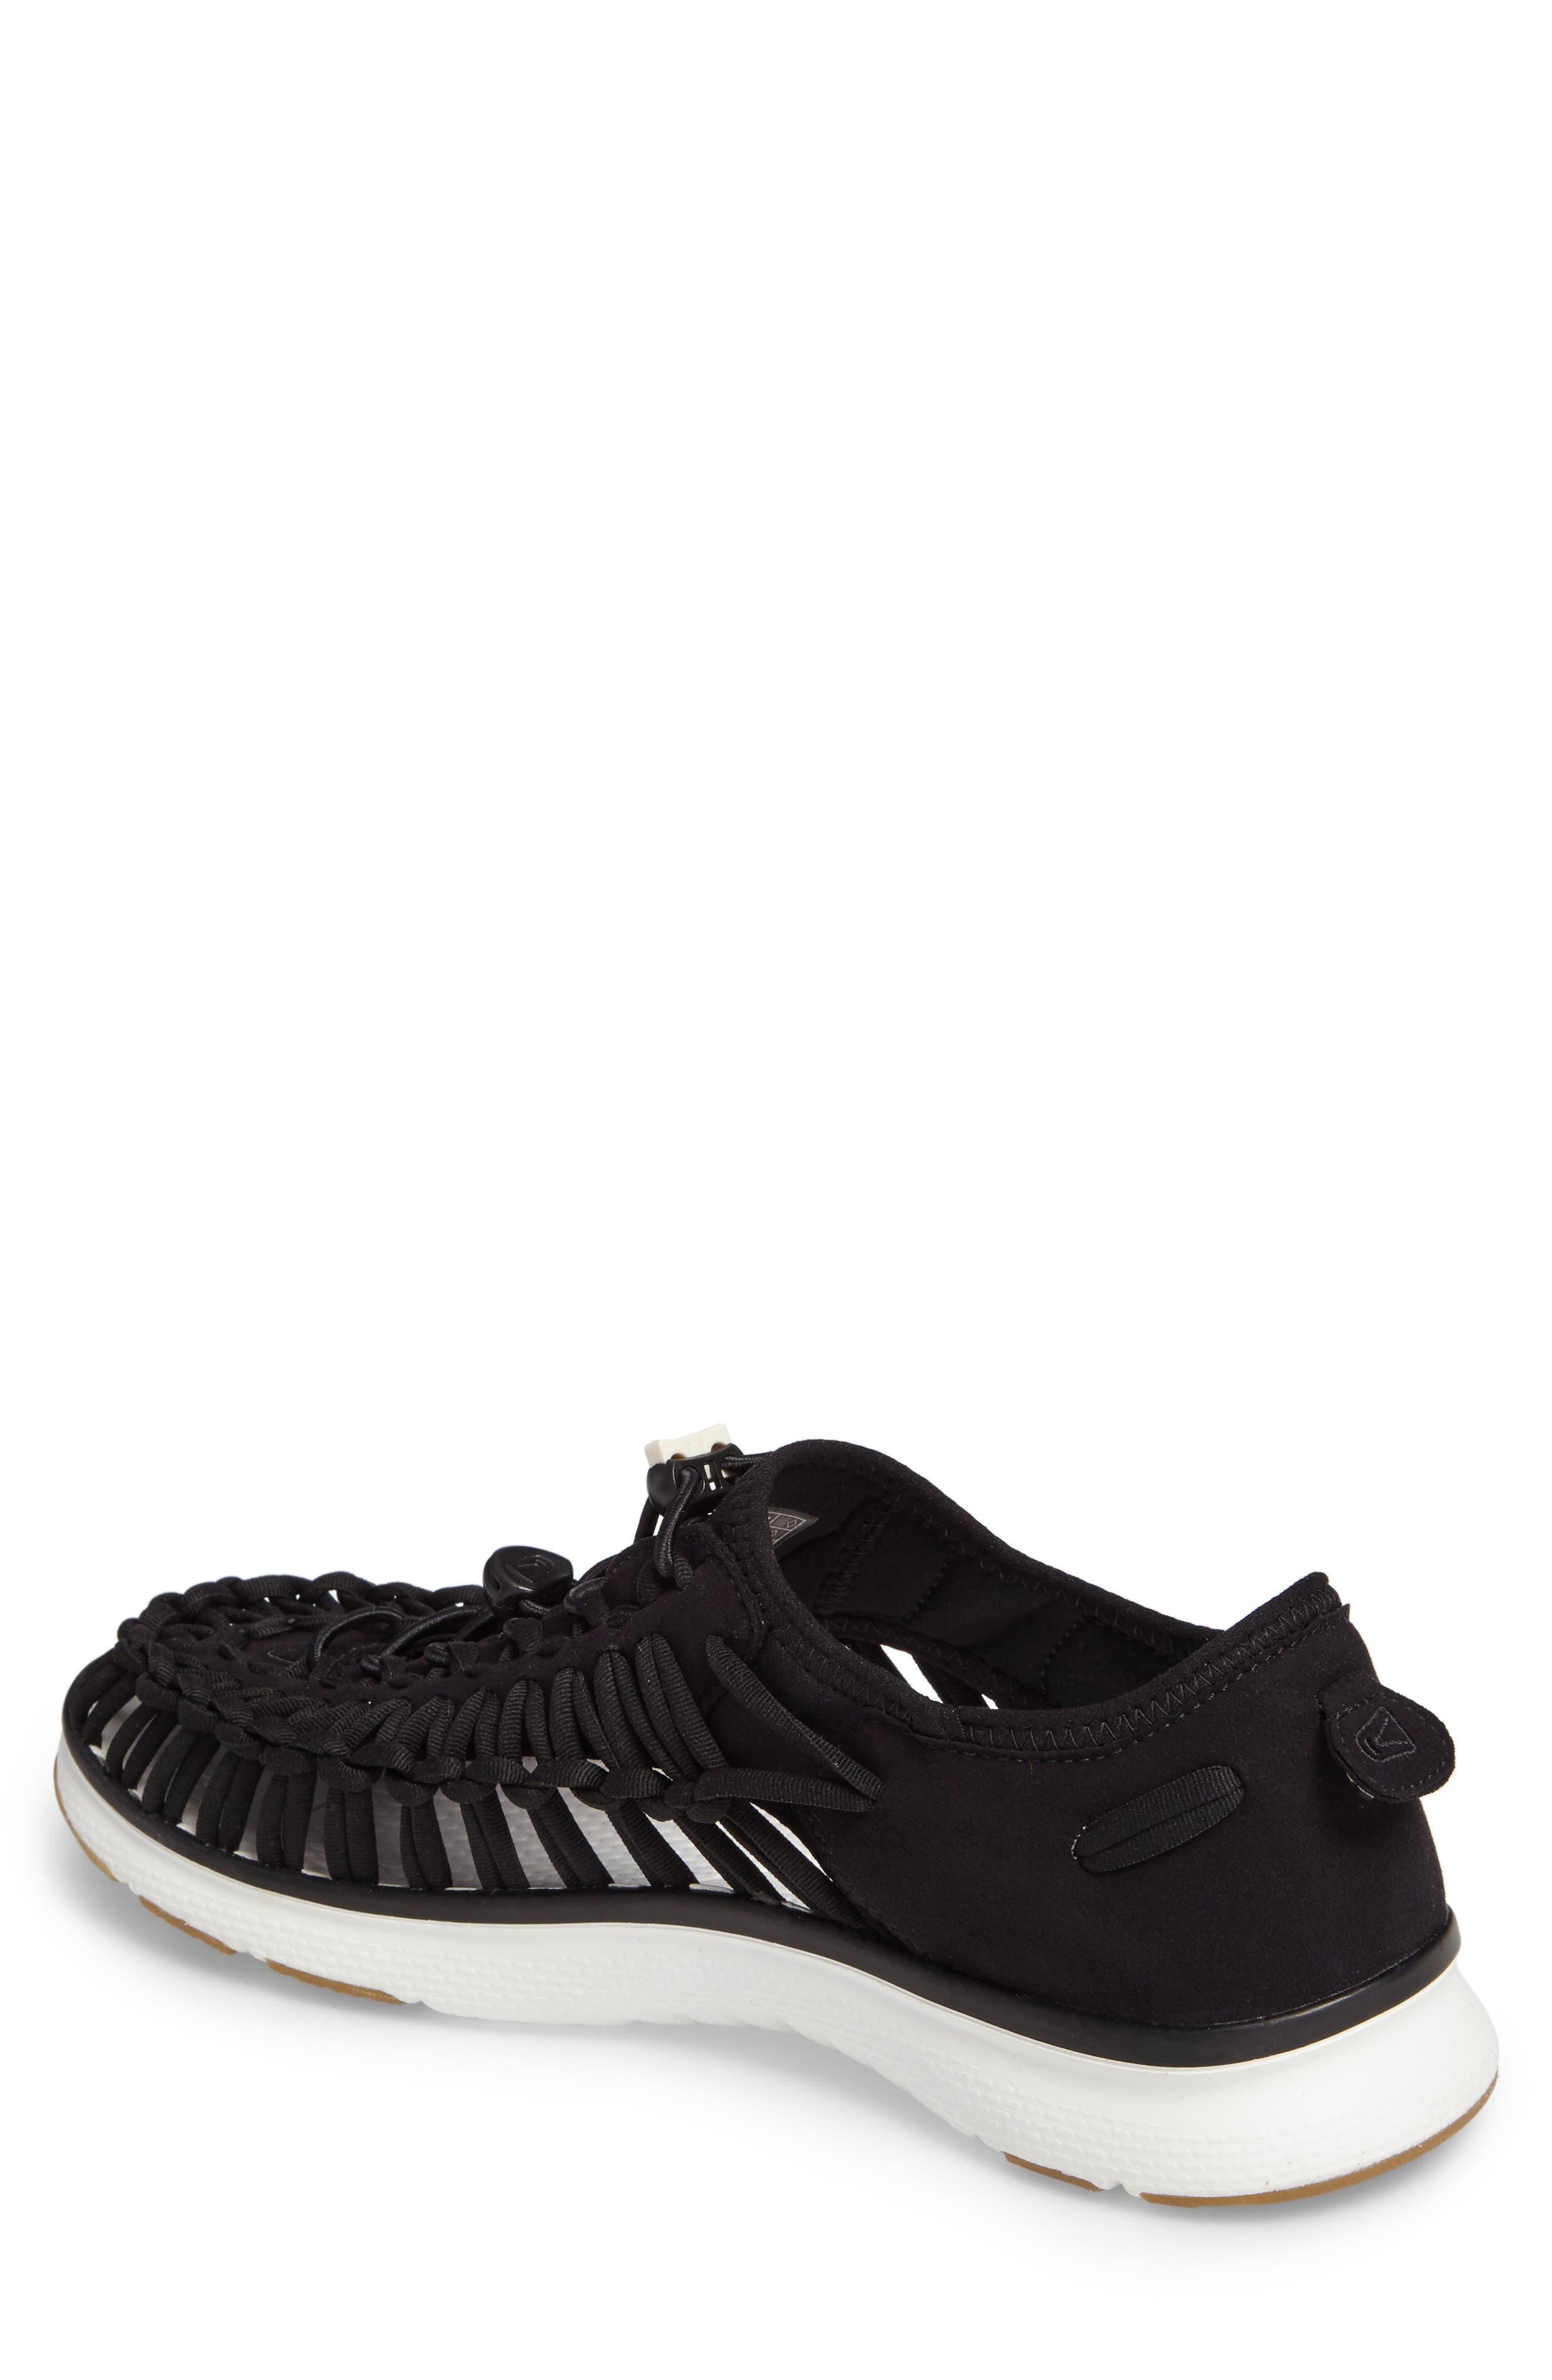 Alternate Image 2  - Keen Uneek O2 Water Sneaker (Men)